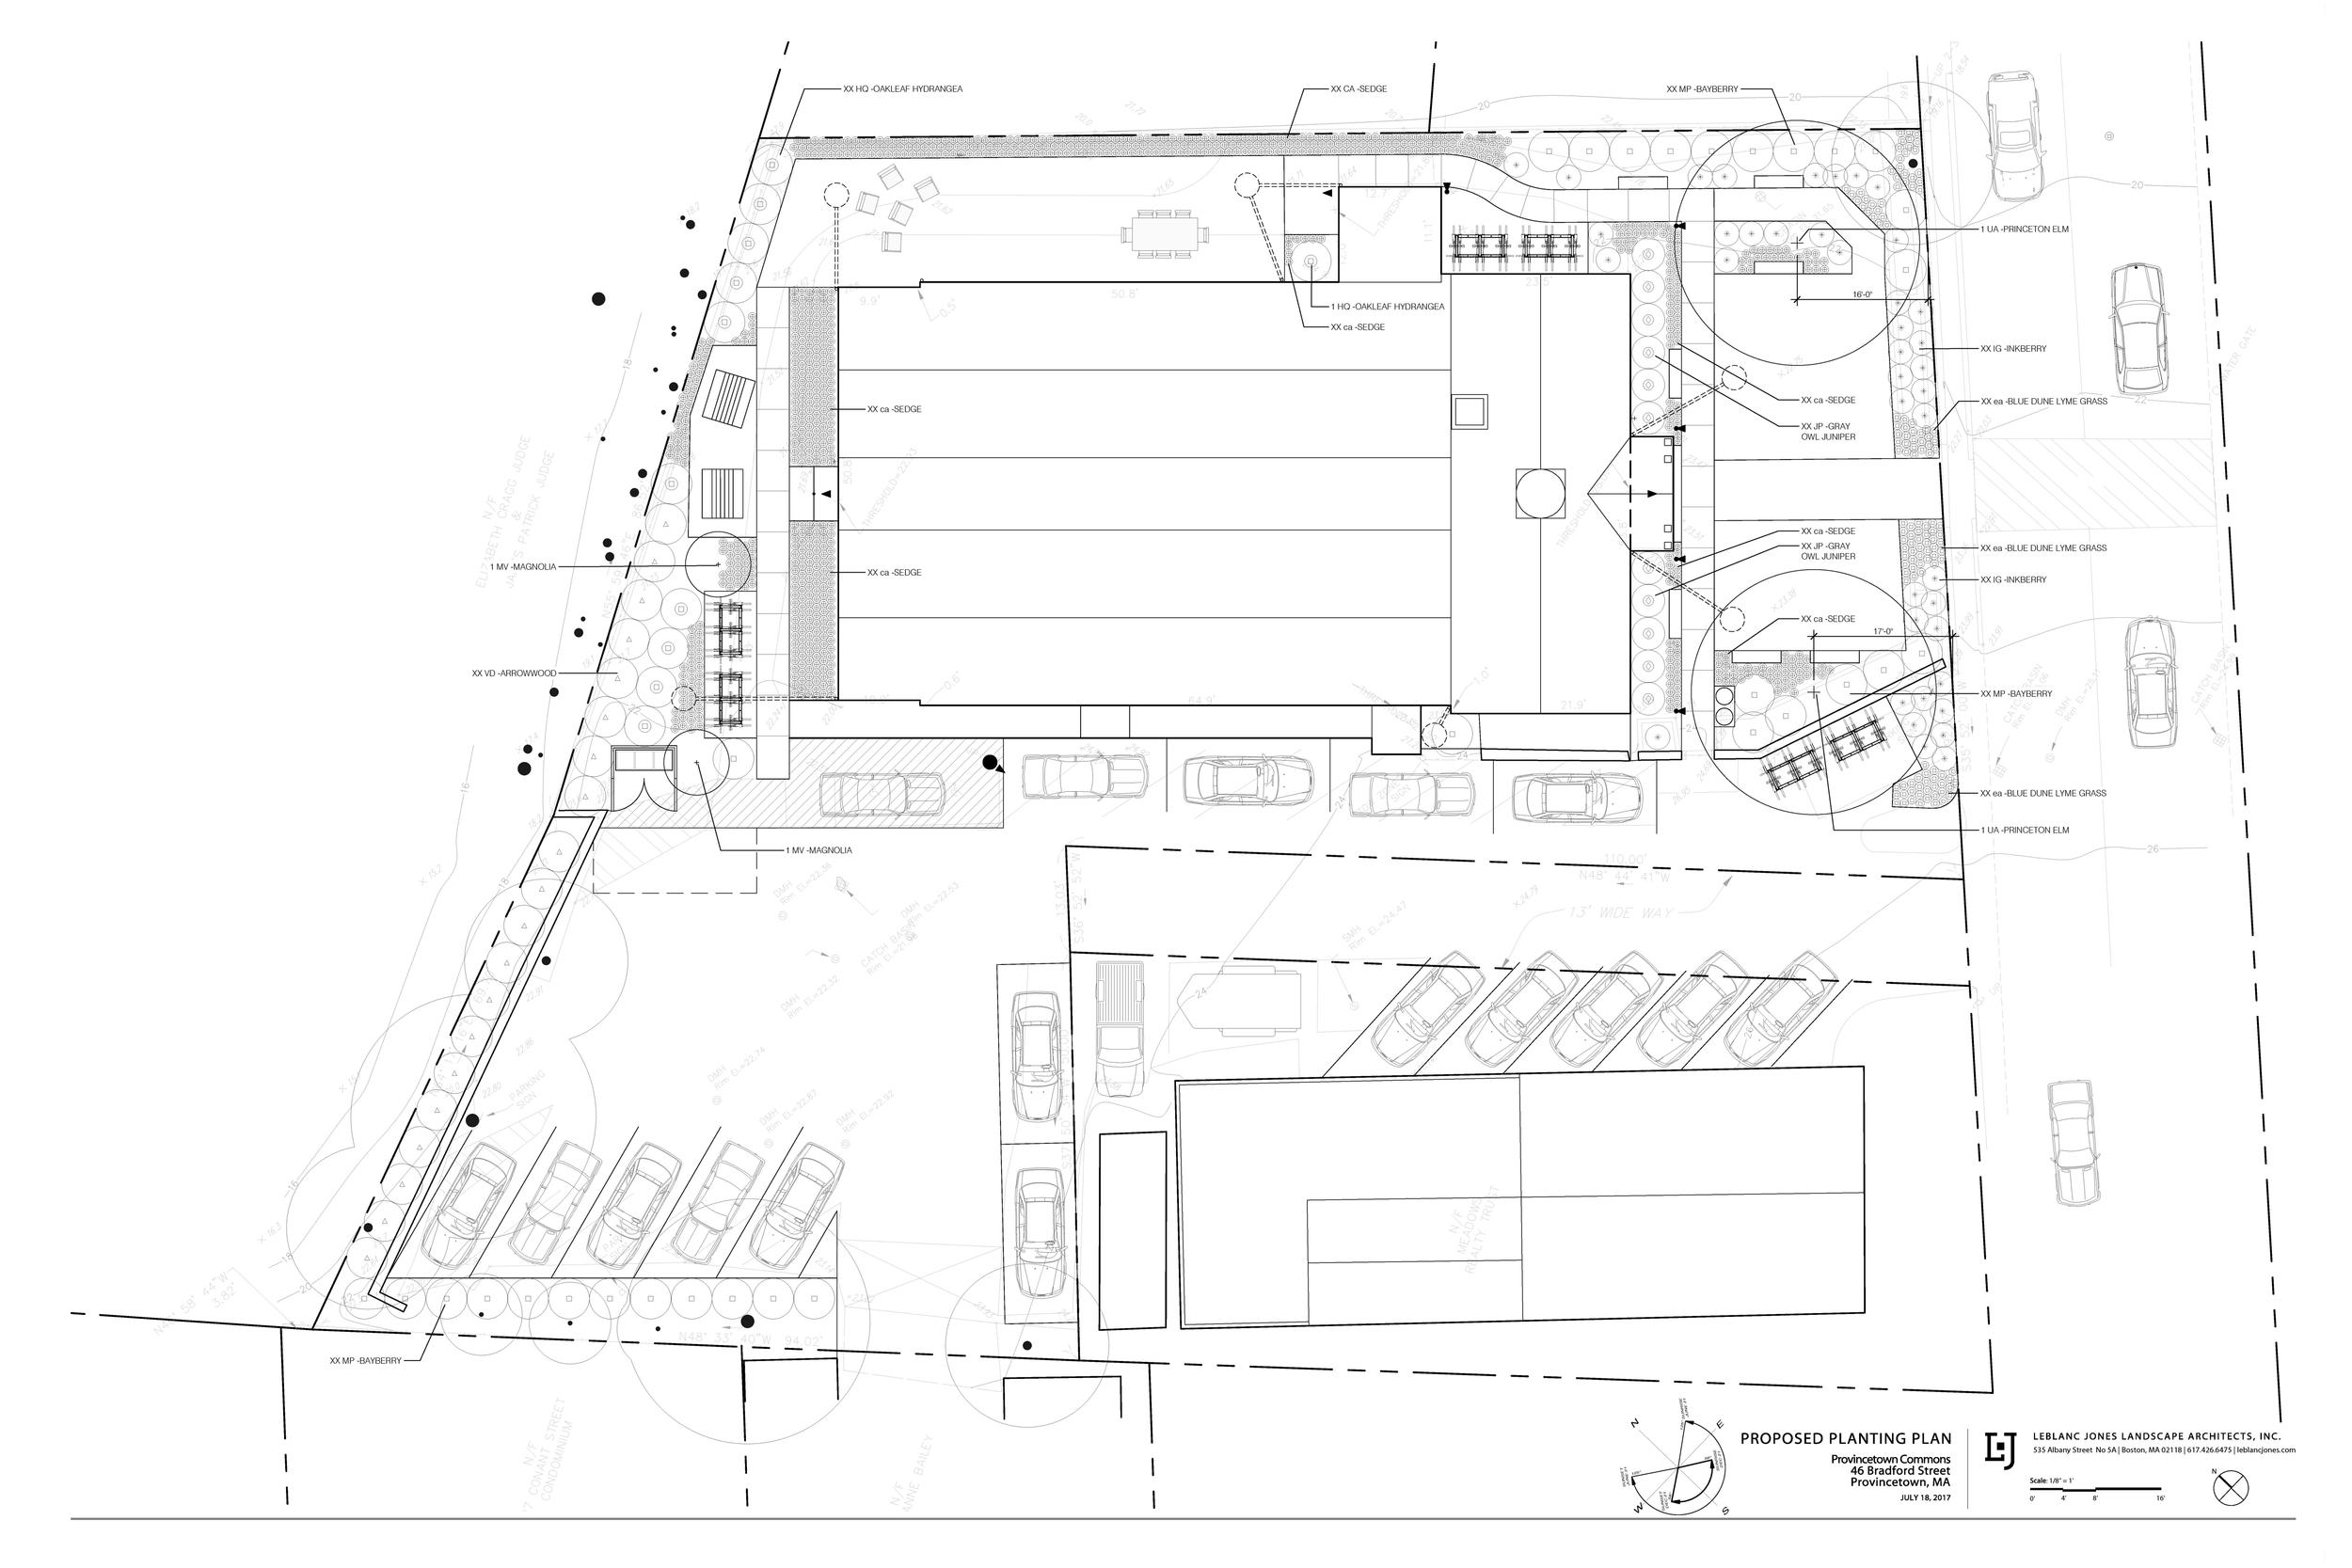 Proposed Planting Plan